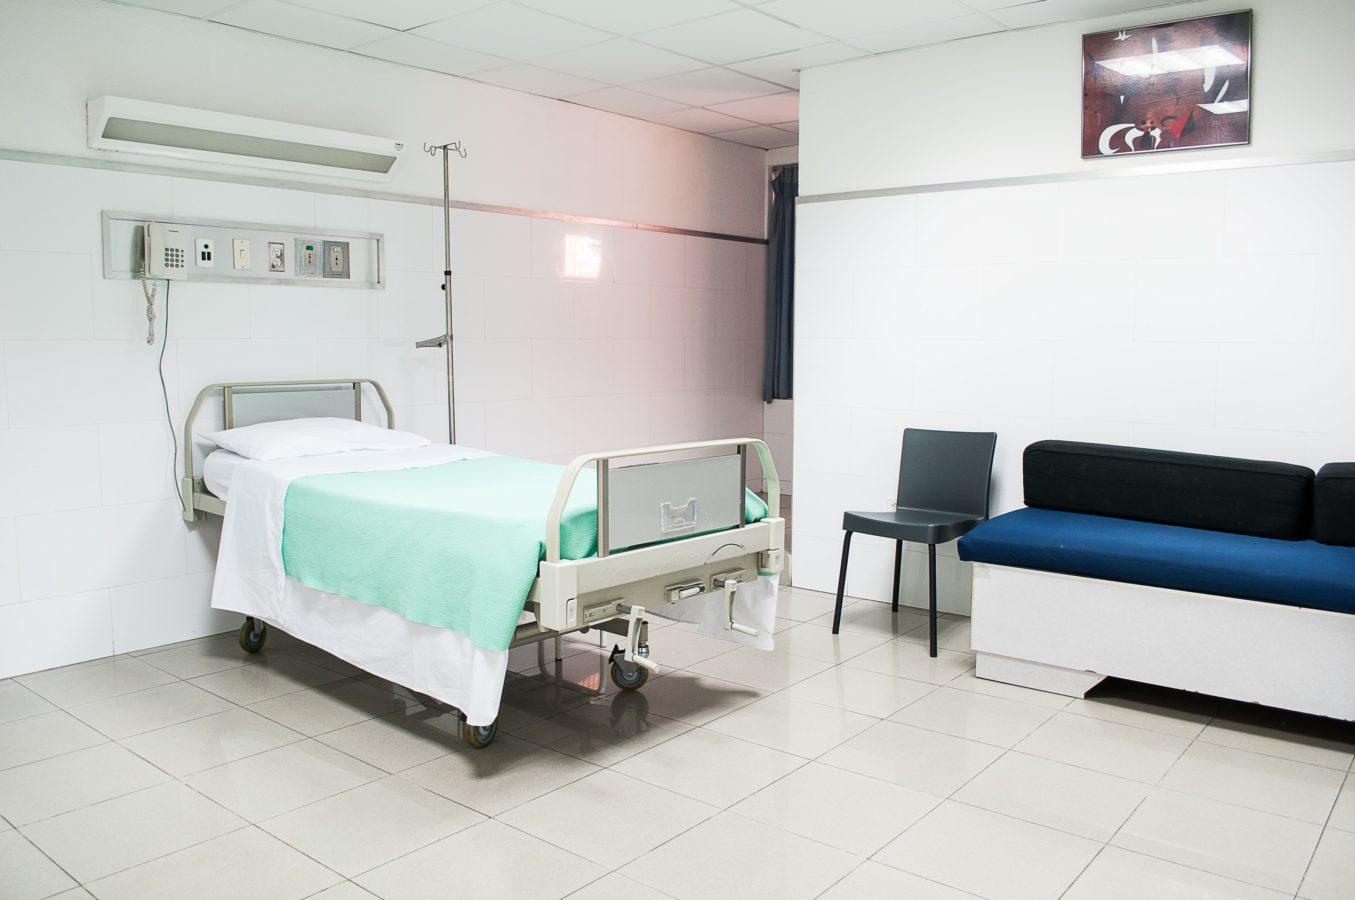 Classement 2021 des 10 meilleurs hôpitaux du monde